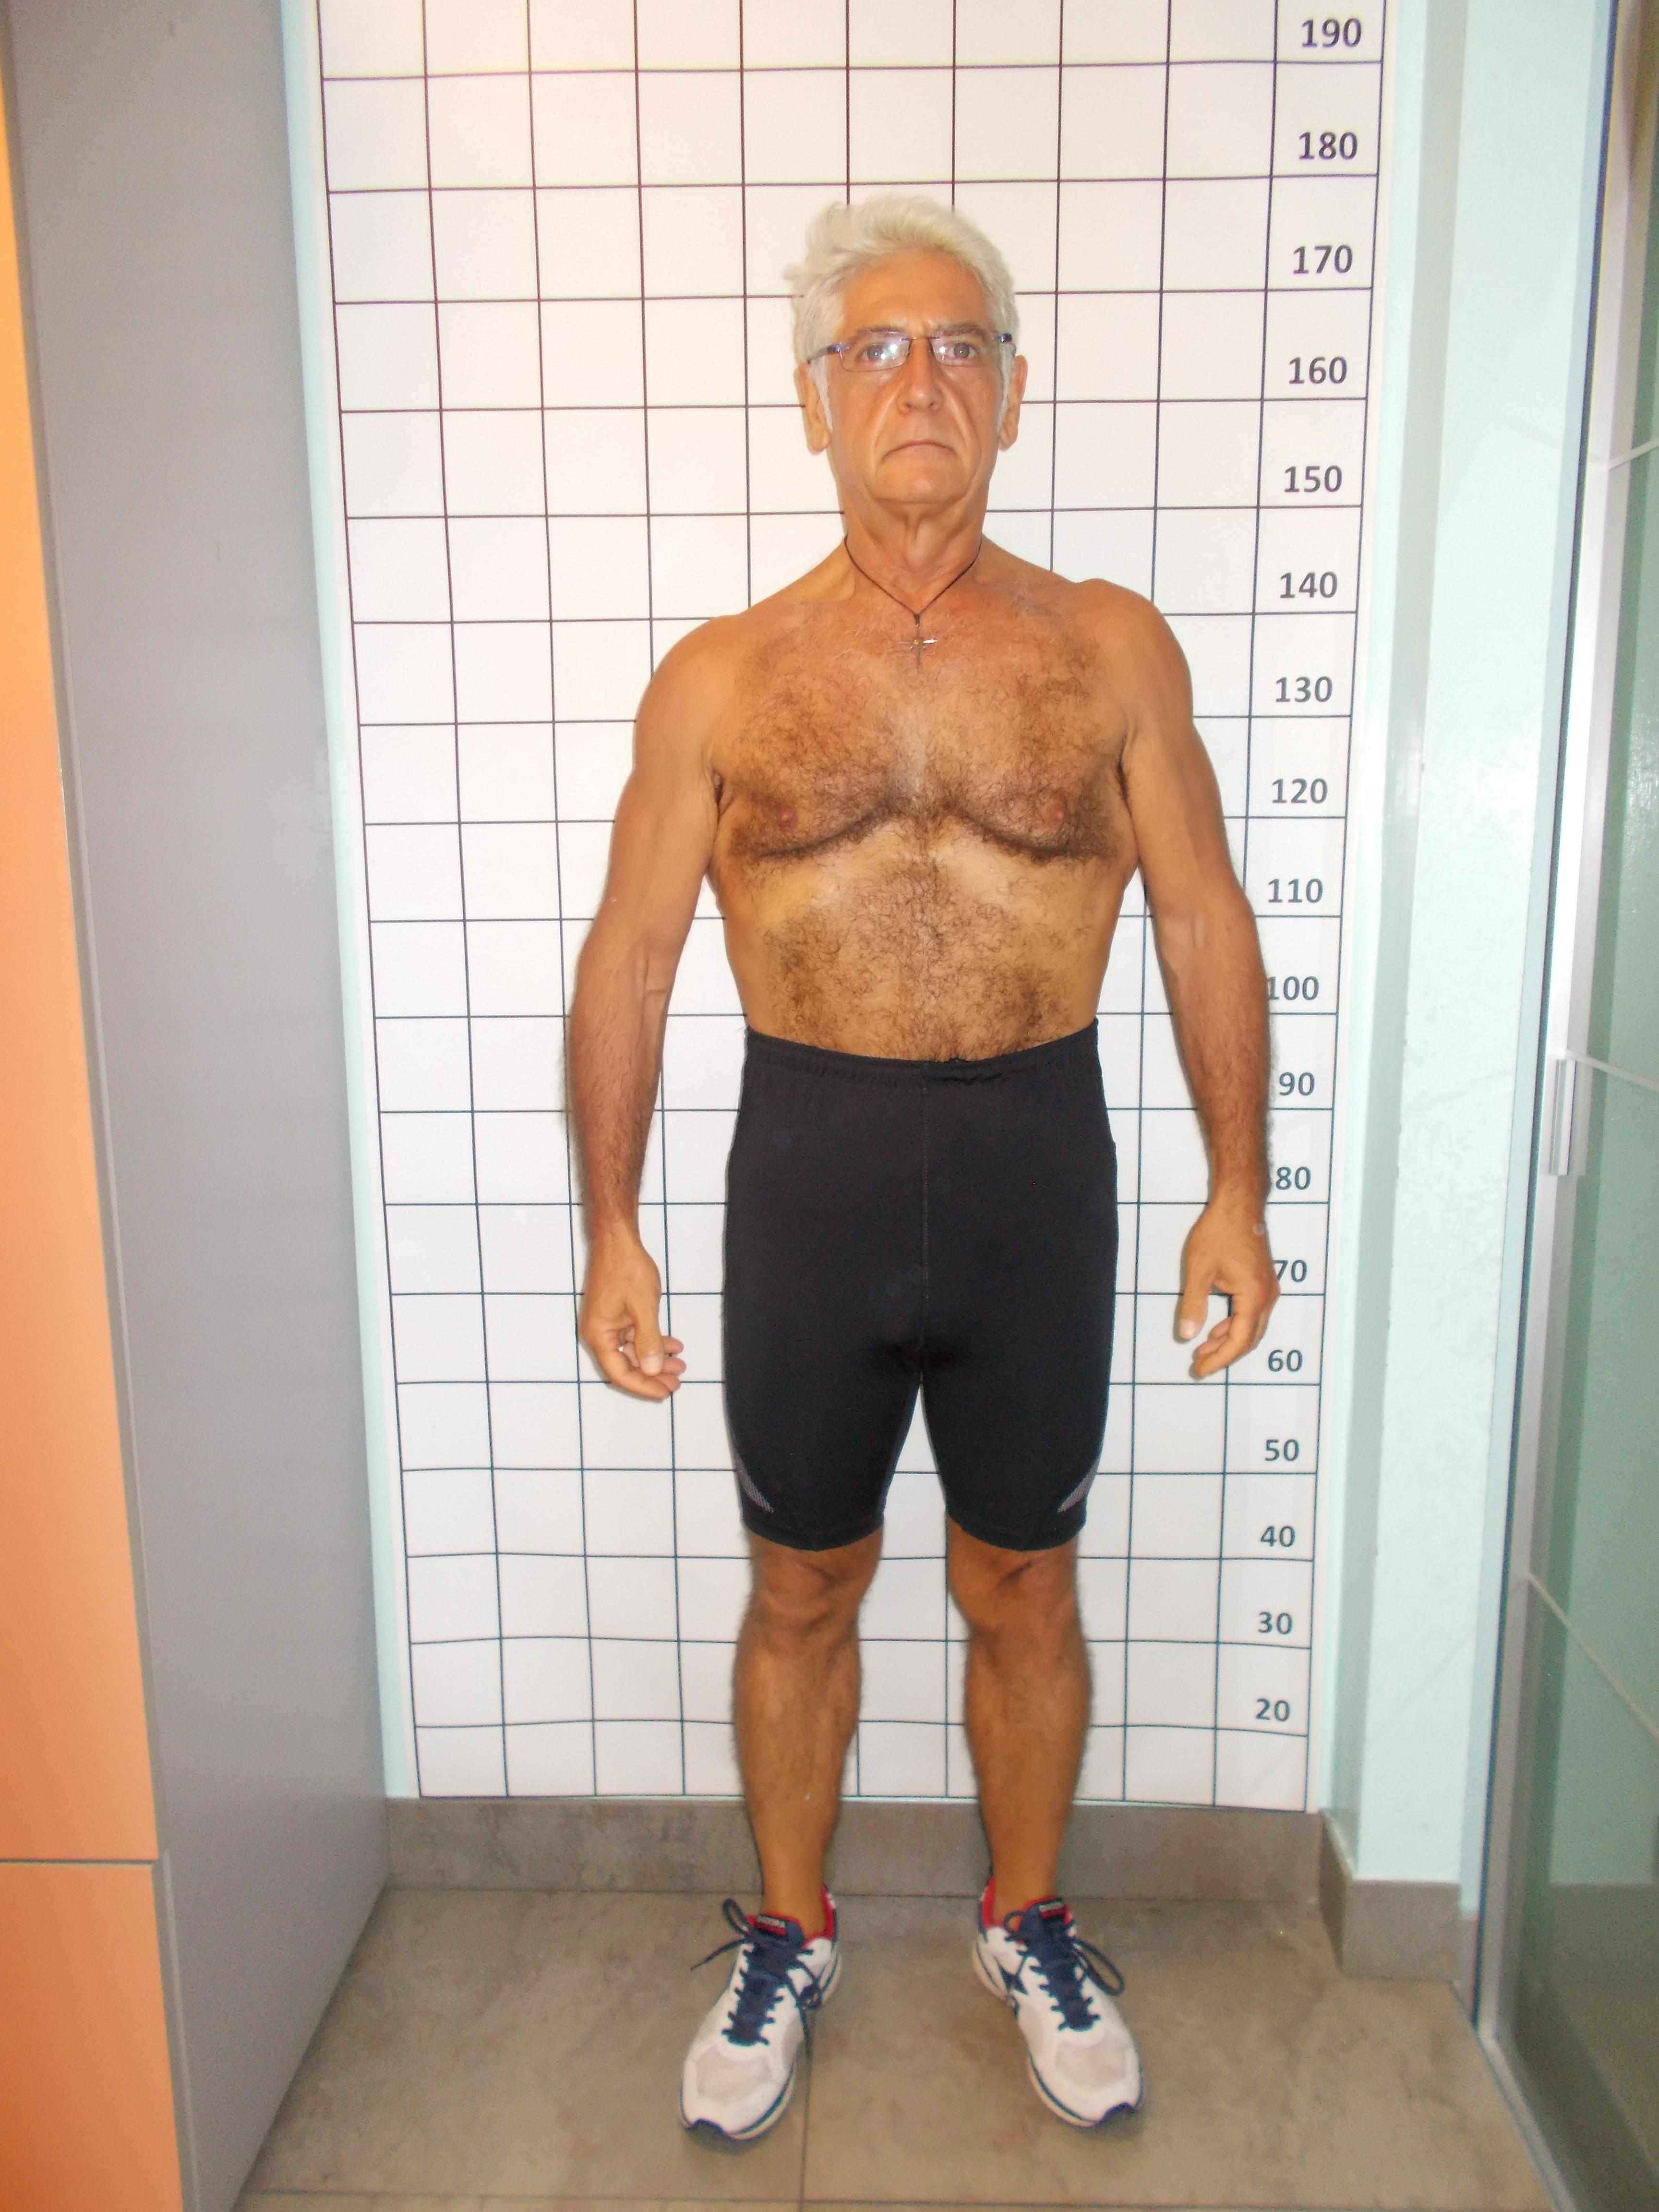 VIVERE SNELLA MEDICAL: PAOLO FOSCHINO PERSI 50 kg E 131 cm!